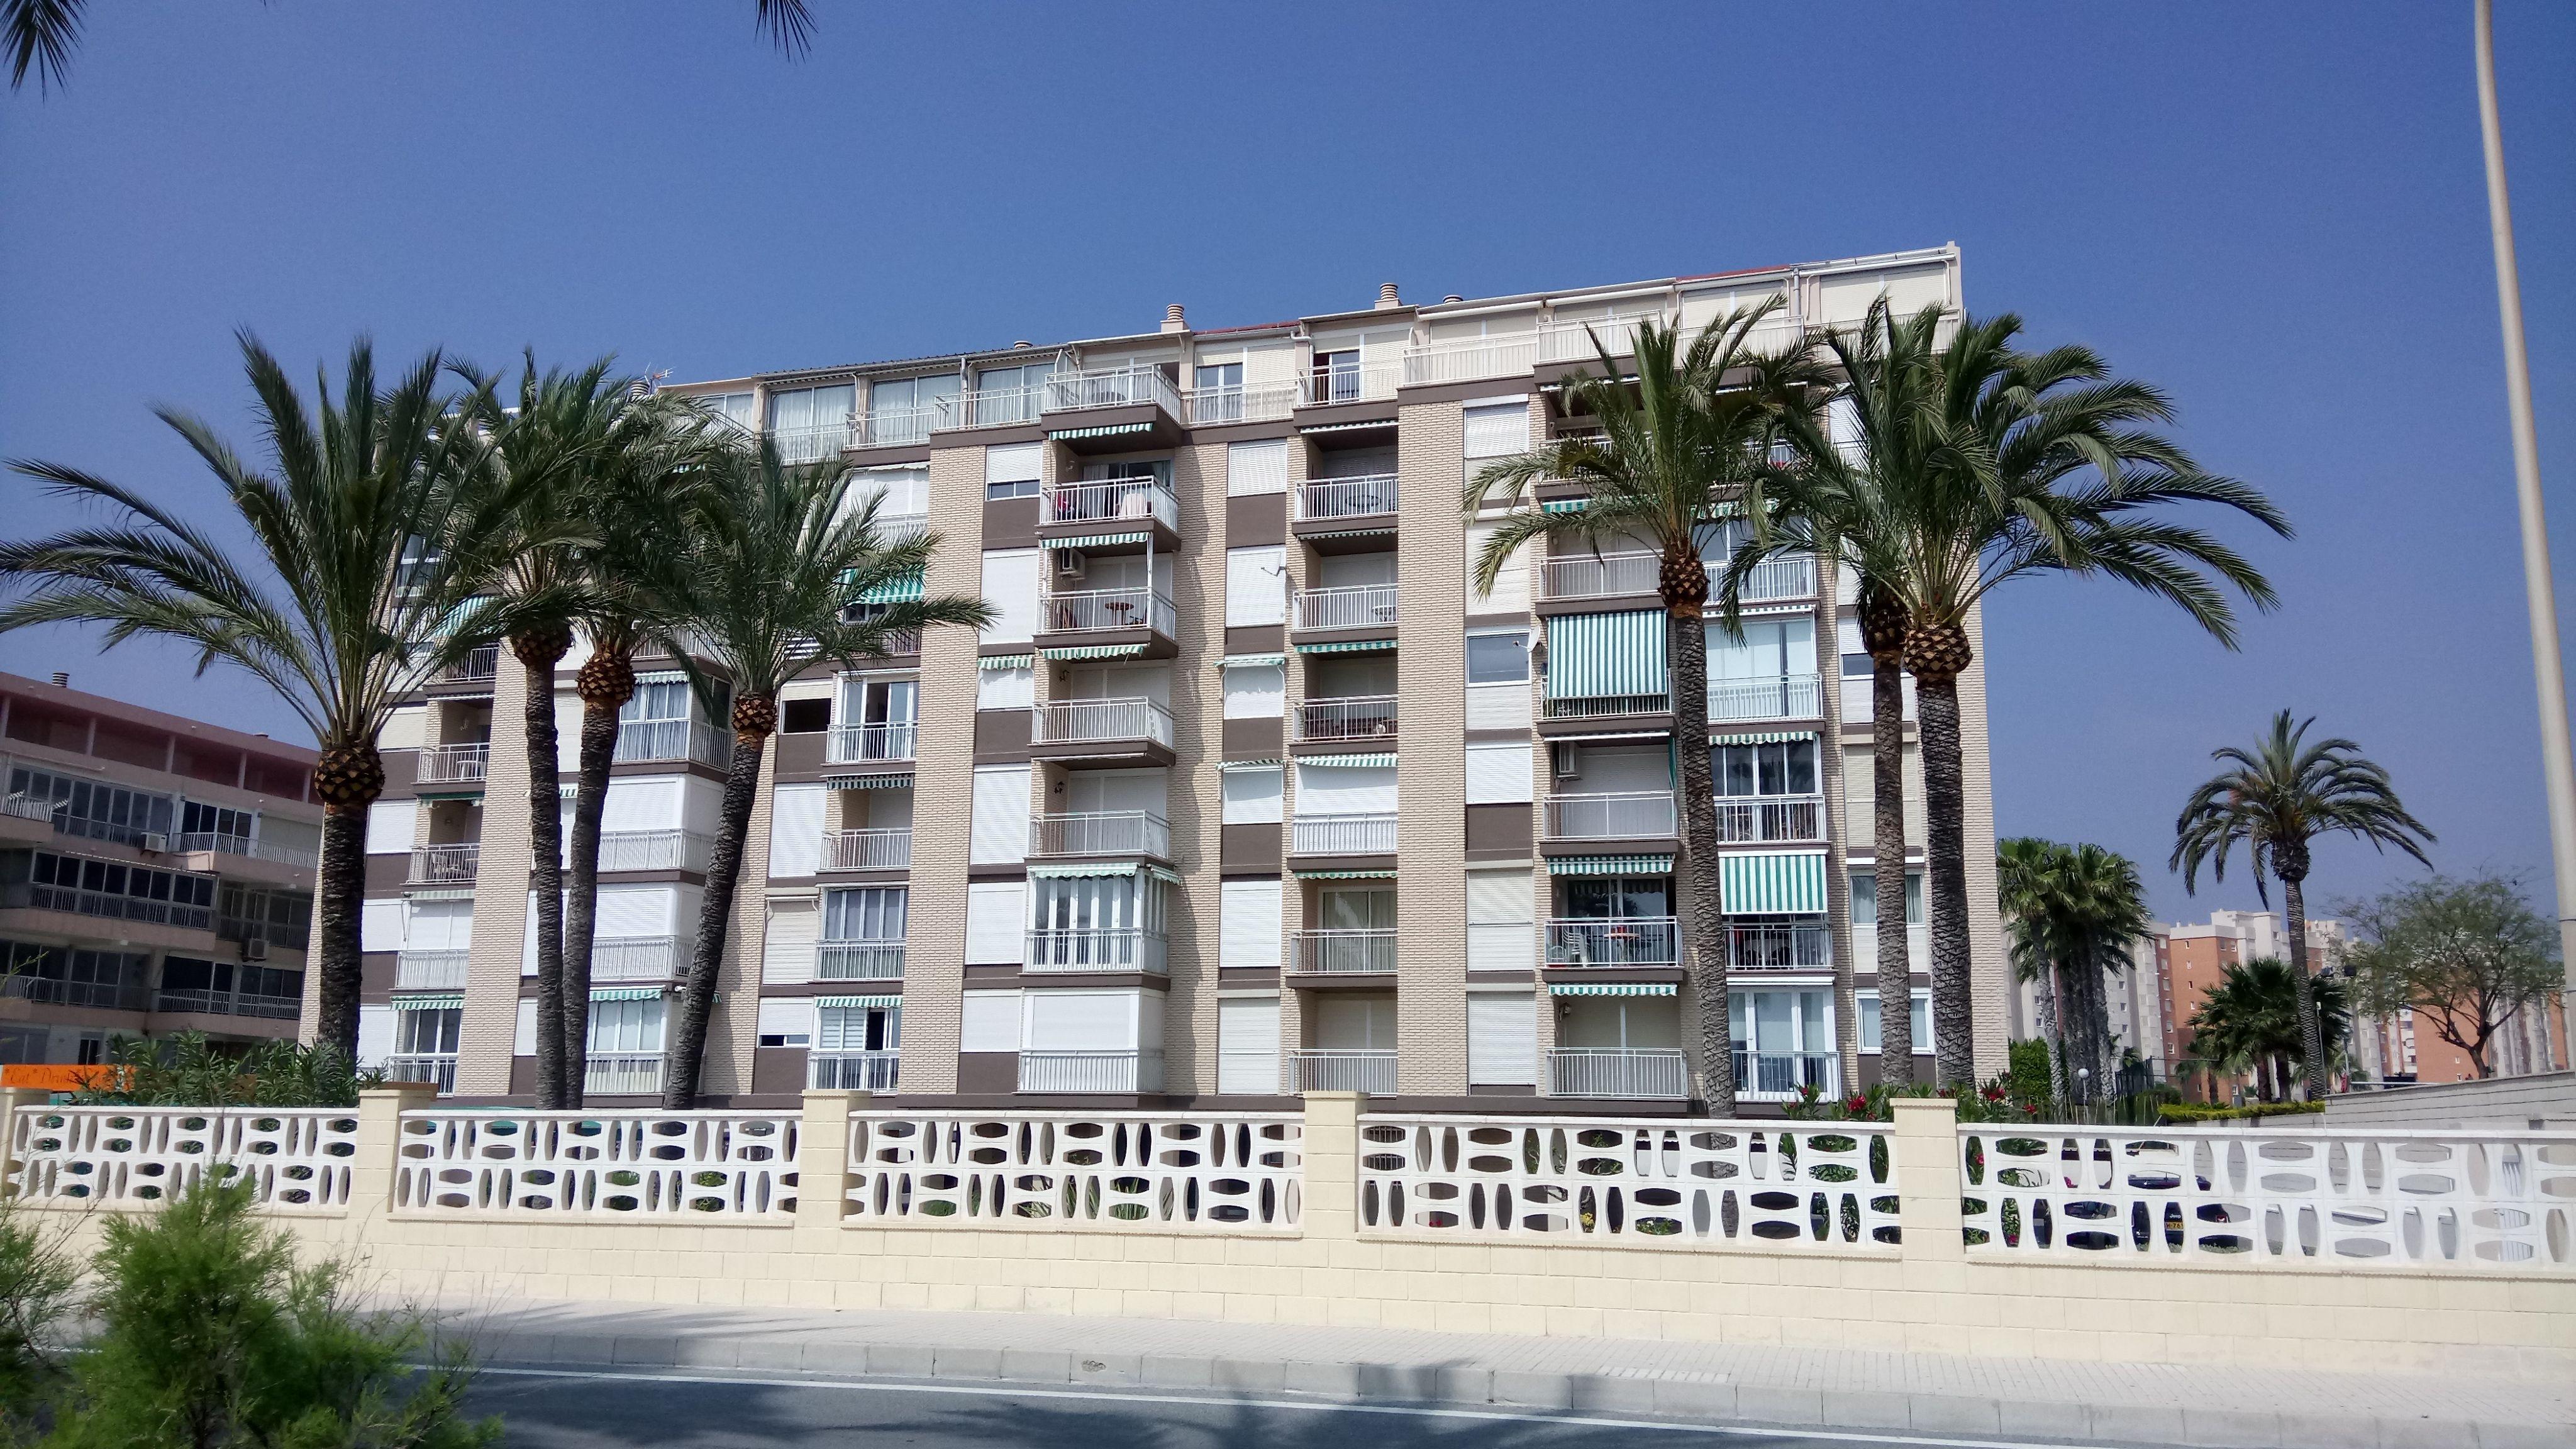 Rehabilitación Edificio de viviendas en San Juan (Alicante)